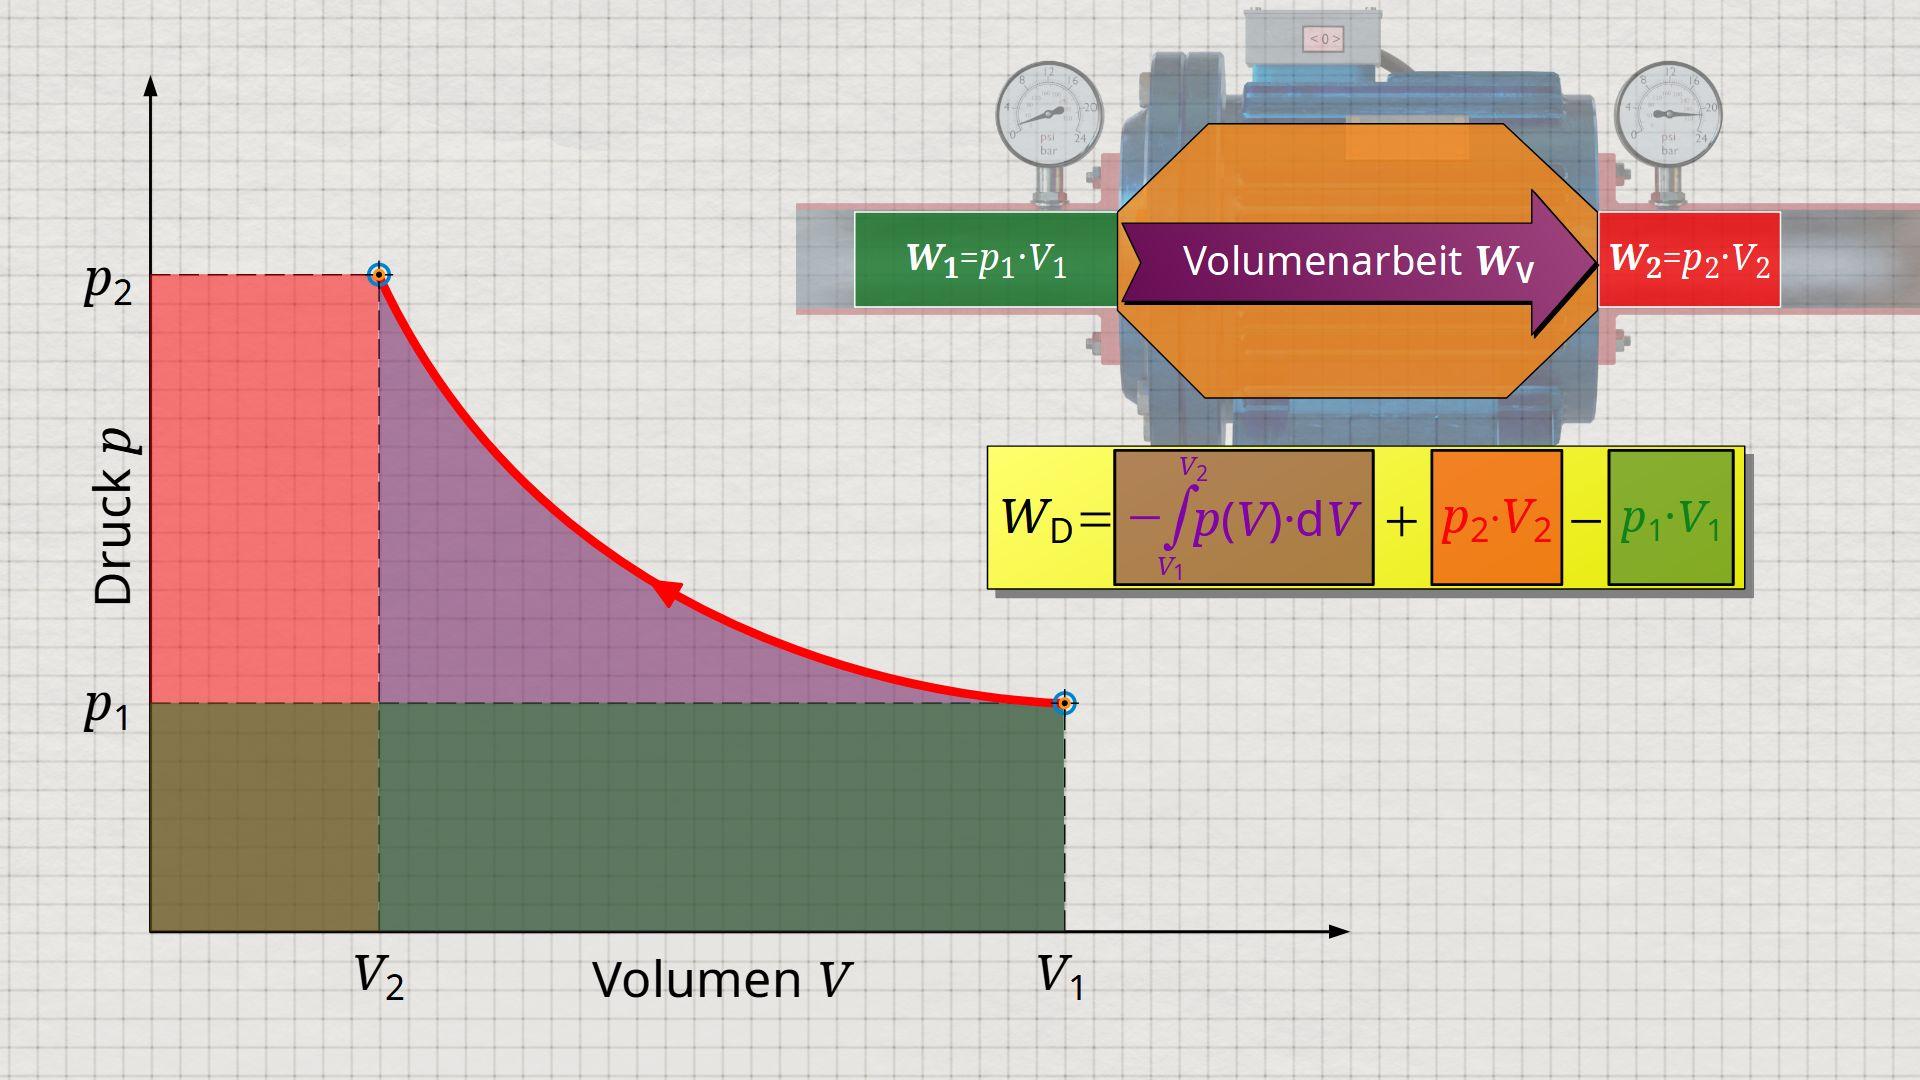 Herleitung der Druckänderungsarbeit als seitliche Fläche im Volumen-Druck-Diagramm